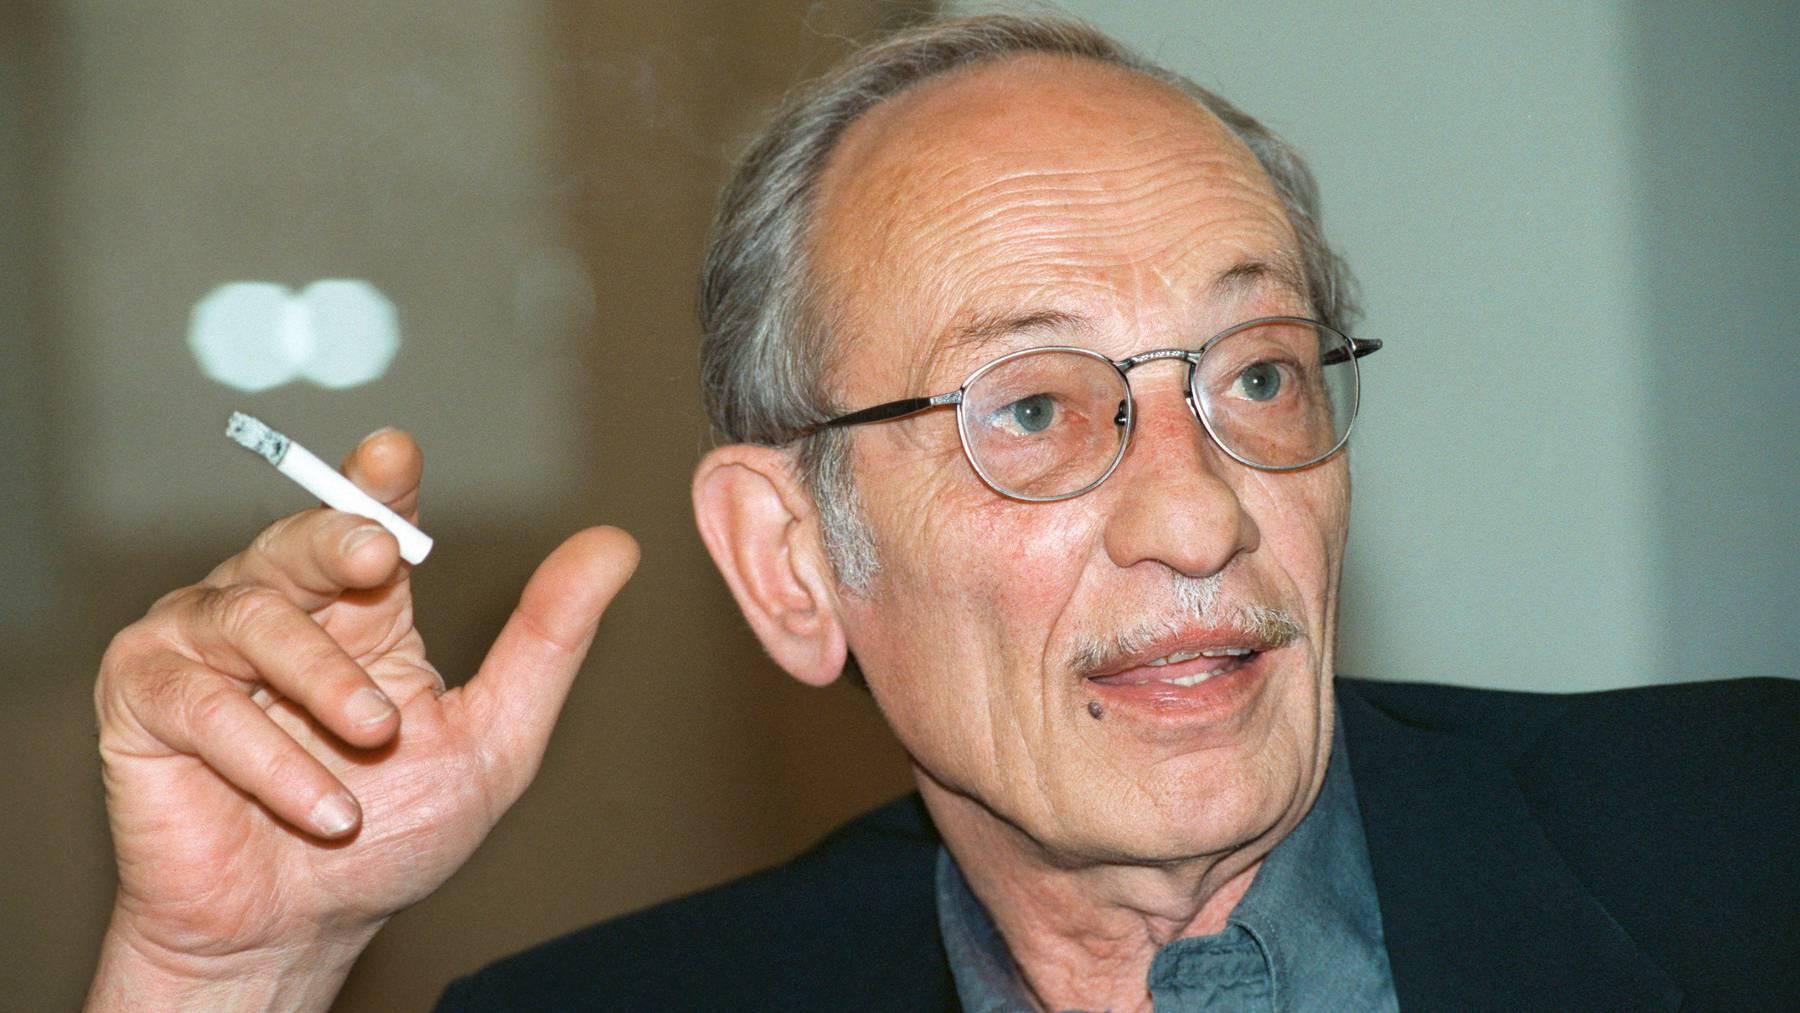 Ist 88-jährig gestorben: Luigi Snozzi, berühmter Tessiner Architekt und Intellektuelle. Hier in einer Aufnahme von 1996.